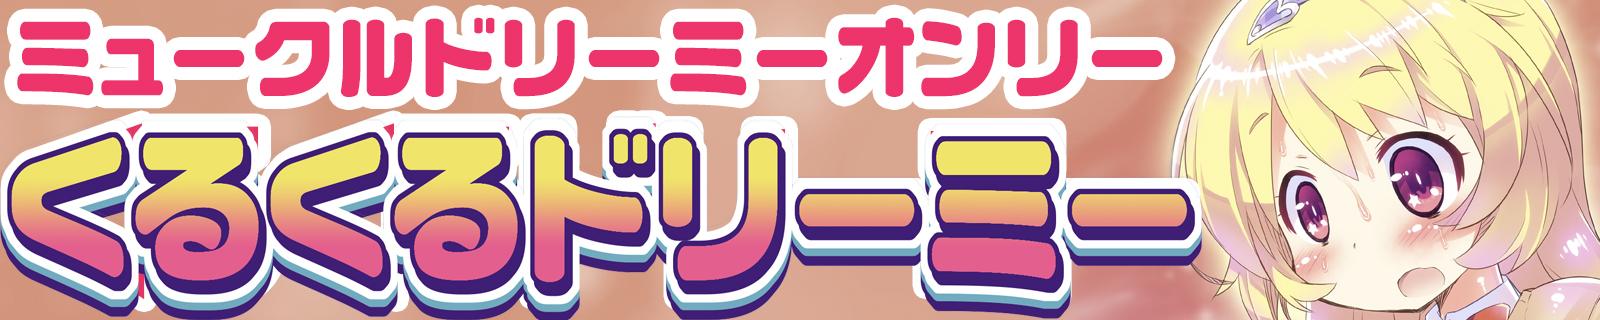 ミュークルドリーミー【くるくるドリーミー 4】